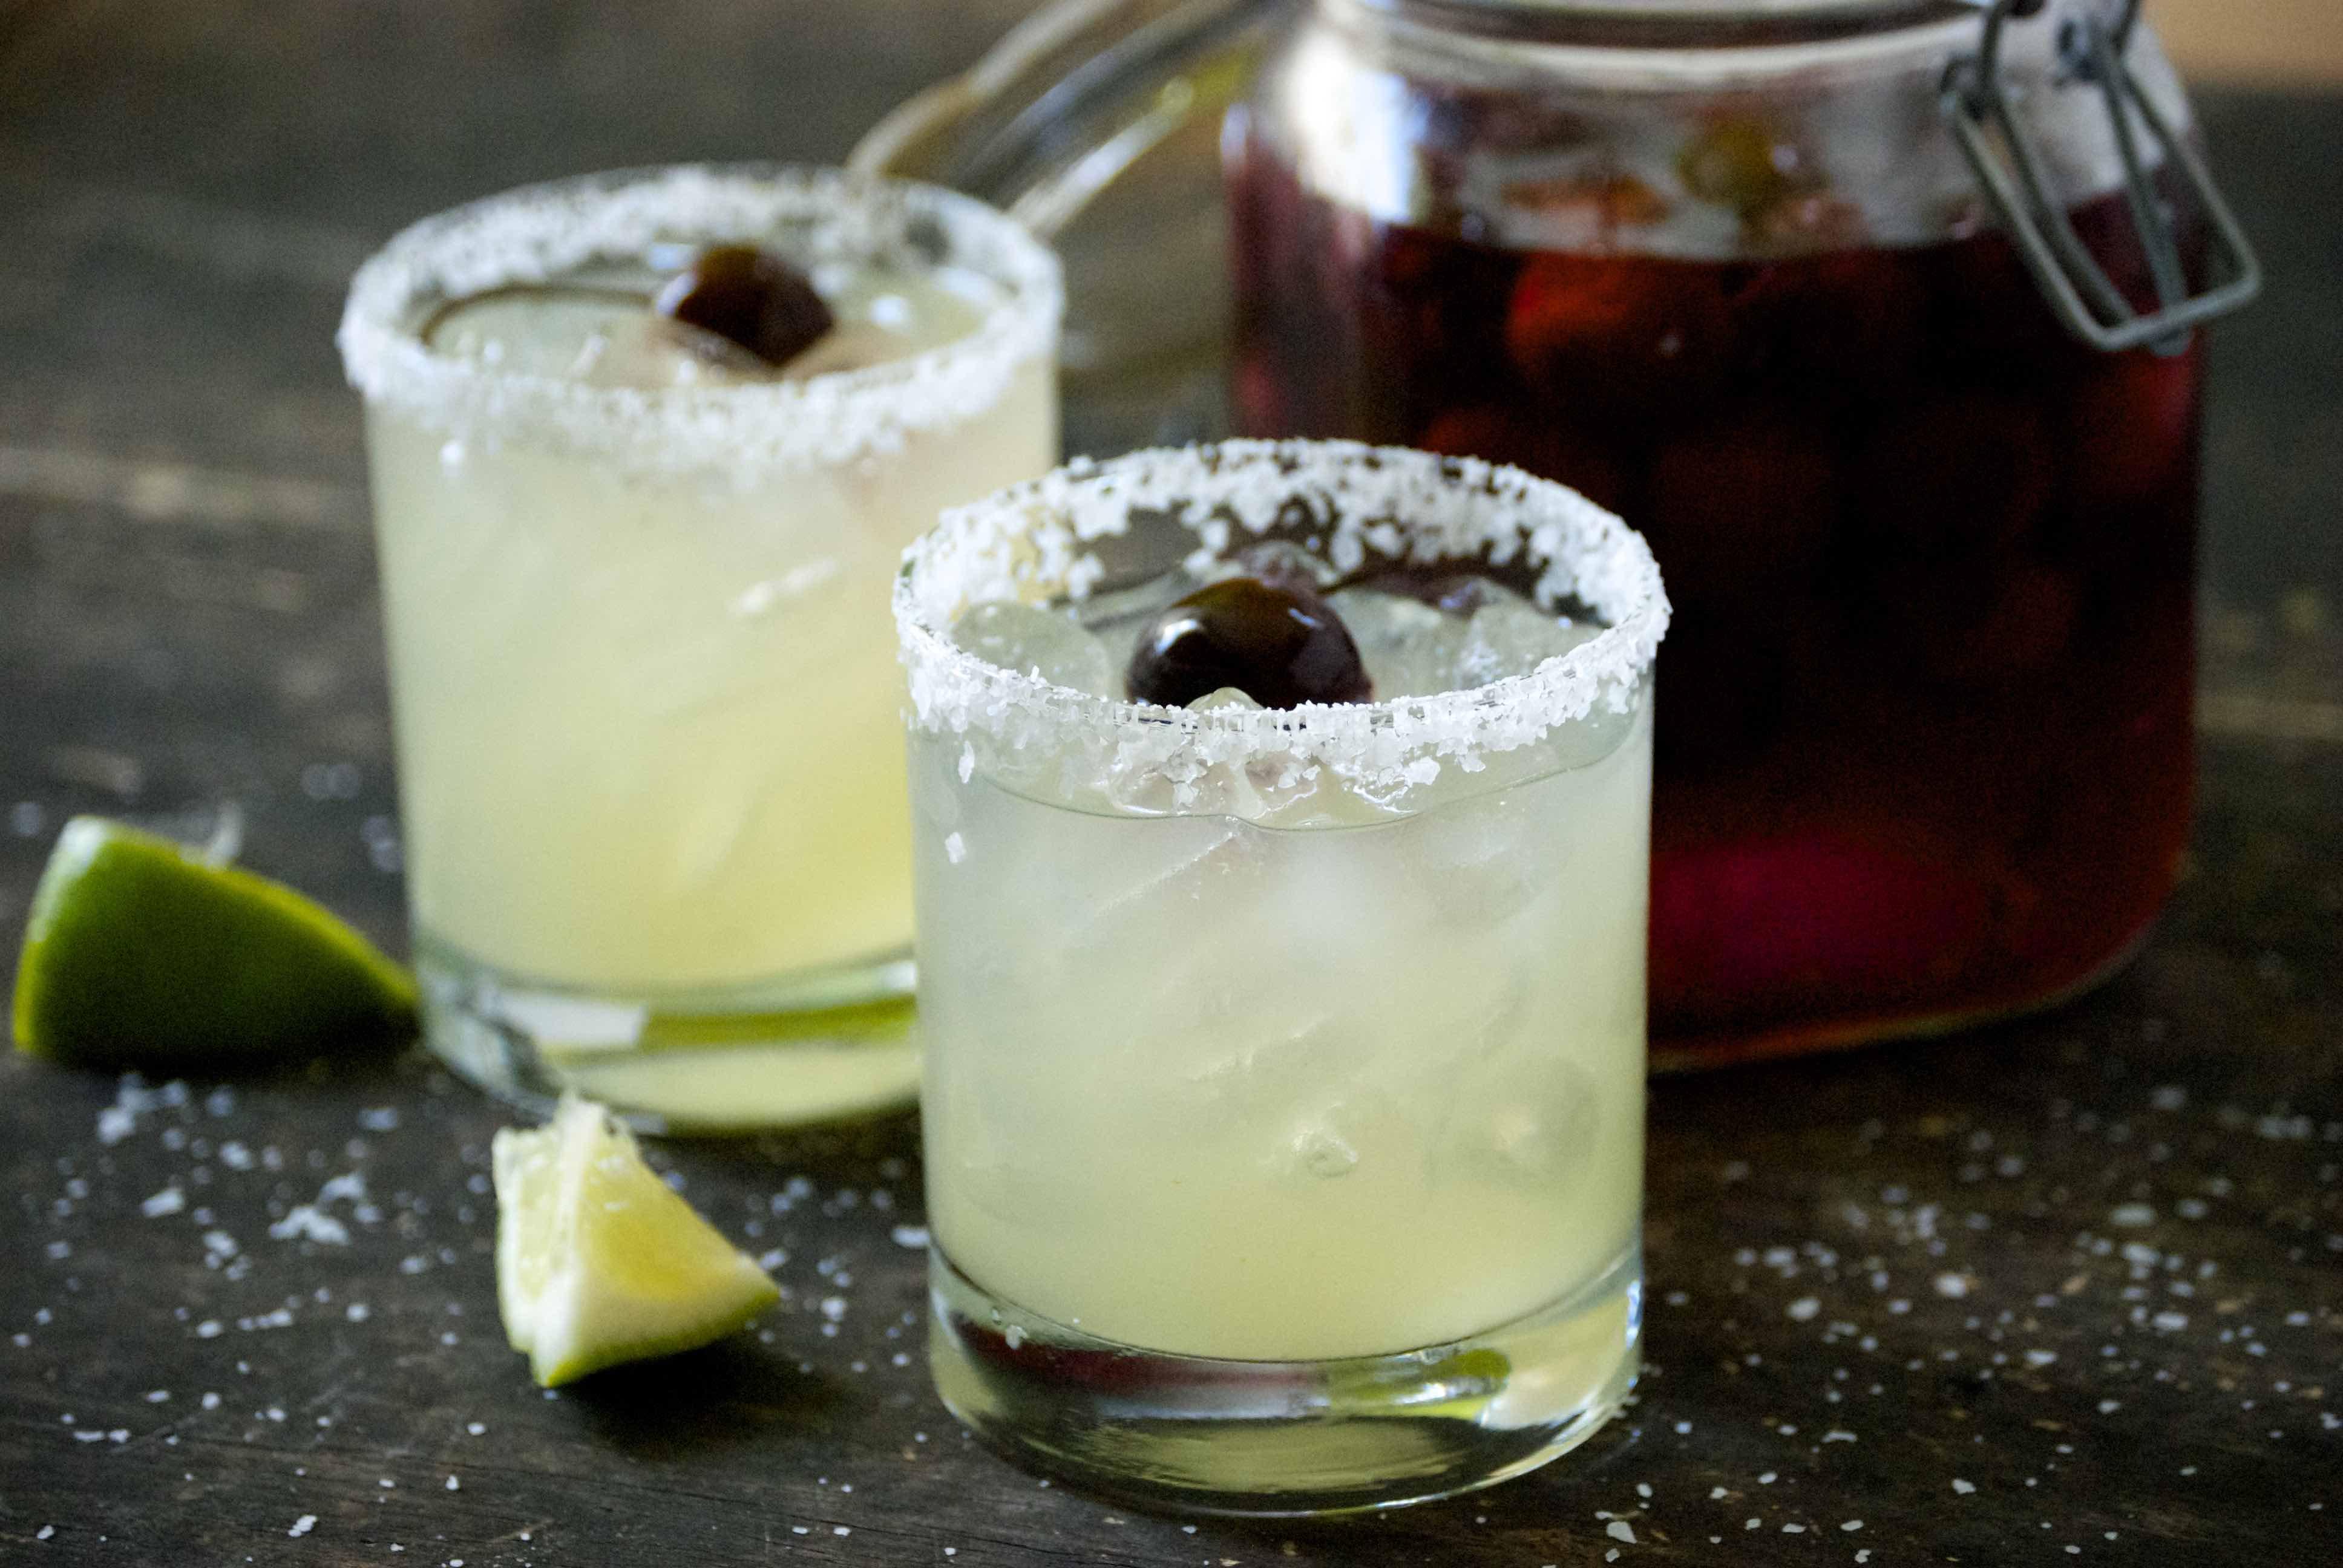 04 - Margarita drink